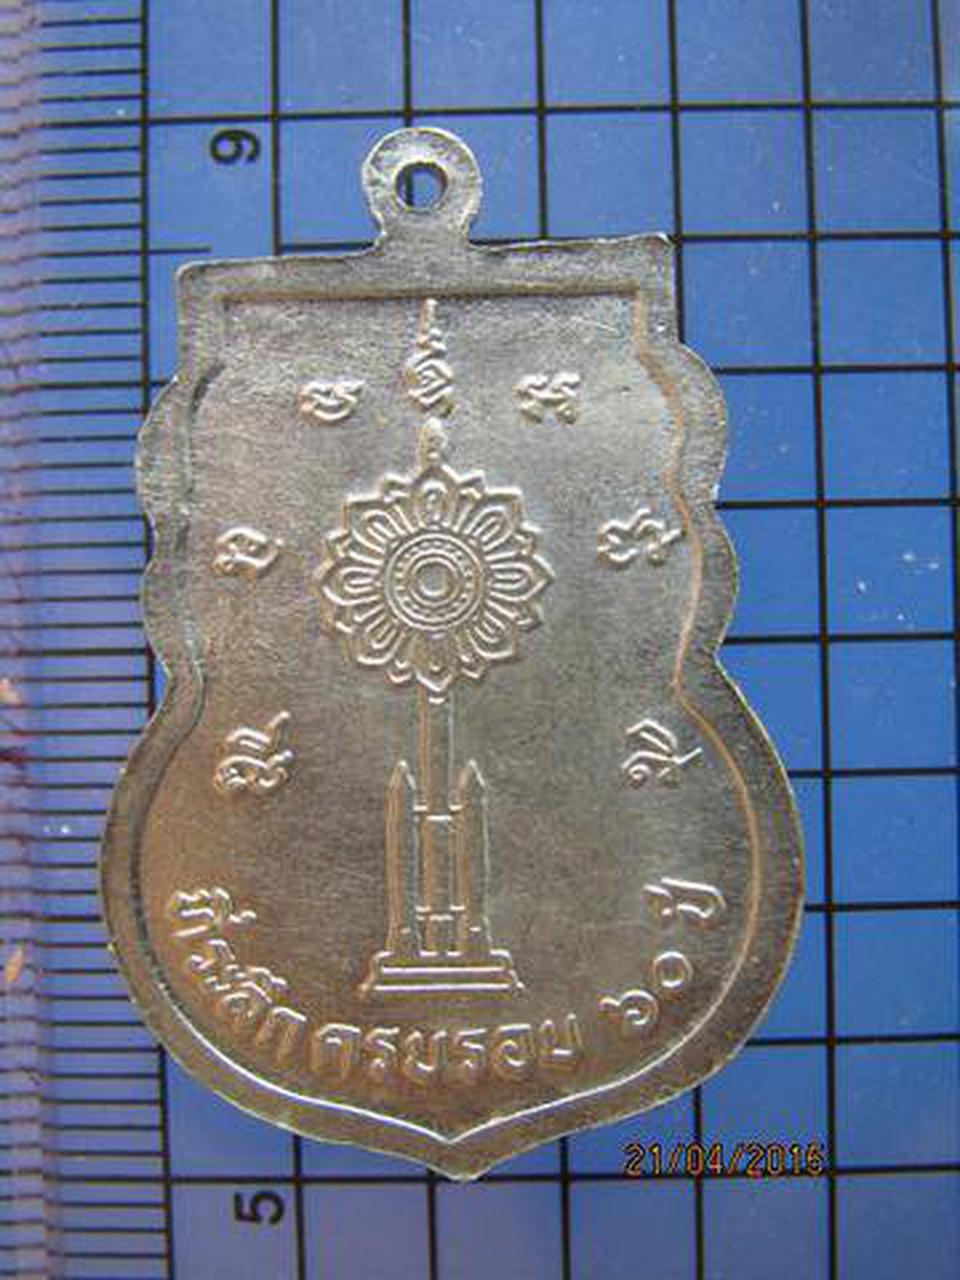 1749 เหรียญหลวงพ่ออุ่น วัดเทพอุปการาม อยุธยา เนื้ออัลปาก้า ป รูปที่ 3